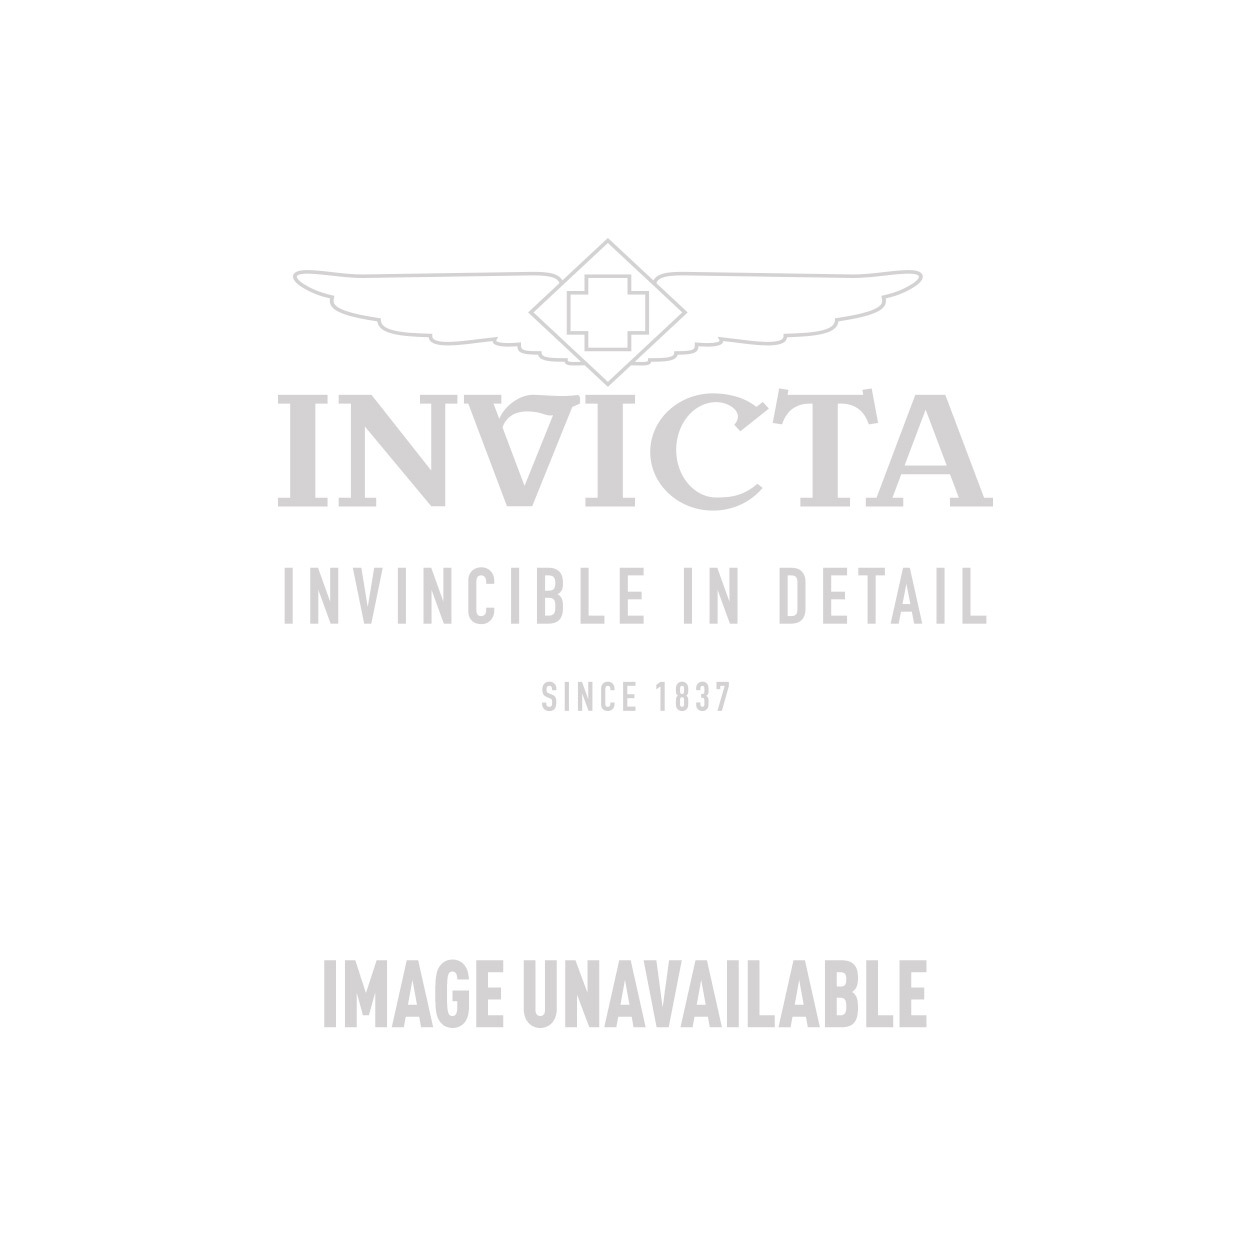 Invicta Model 26749